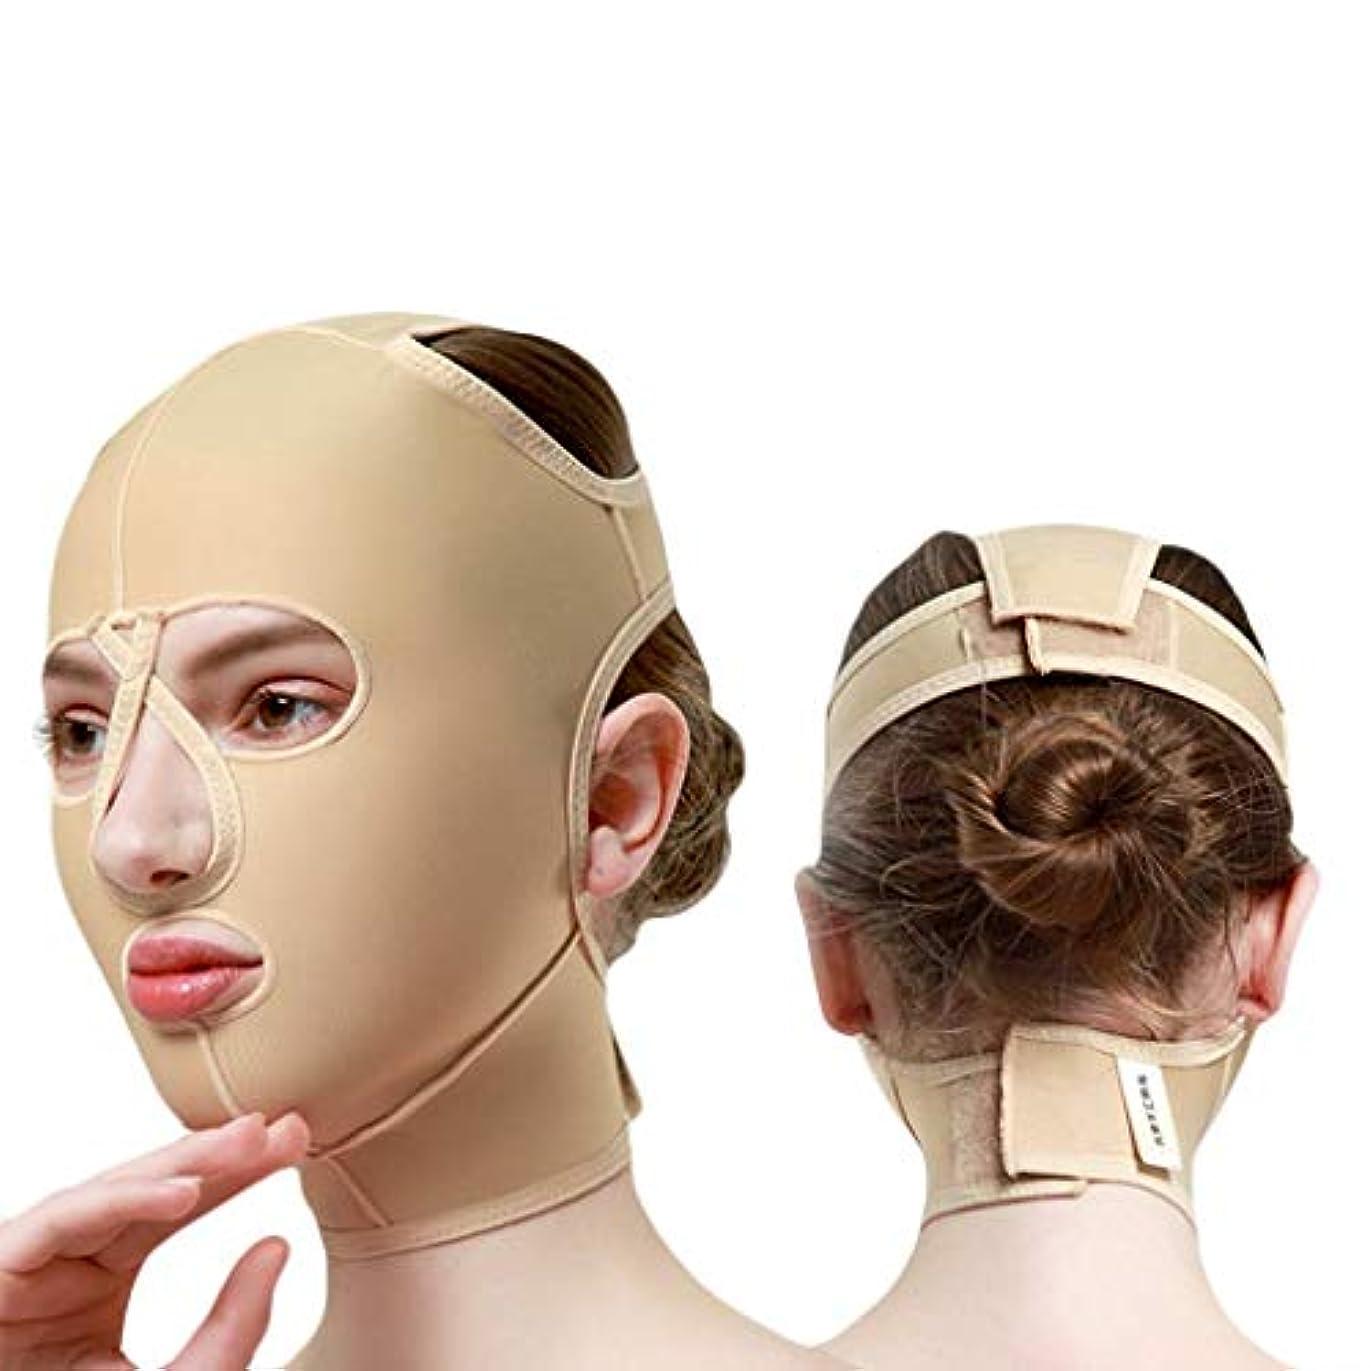 法廷イチゴ弱いチンストラップ、顔彫りツール、リフティングマスク、ダブルチンリデューサー、フェイスリフティングエラスティックマスクメス(サイズ:M),M